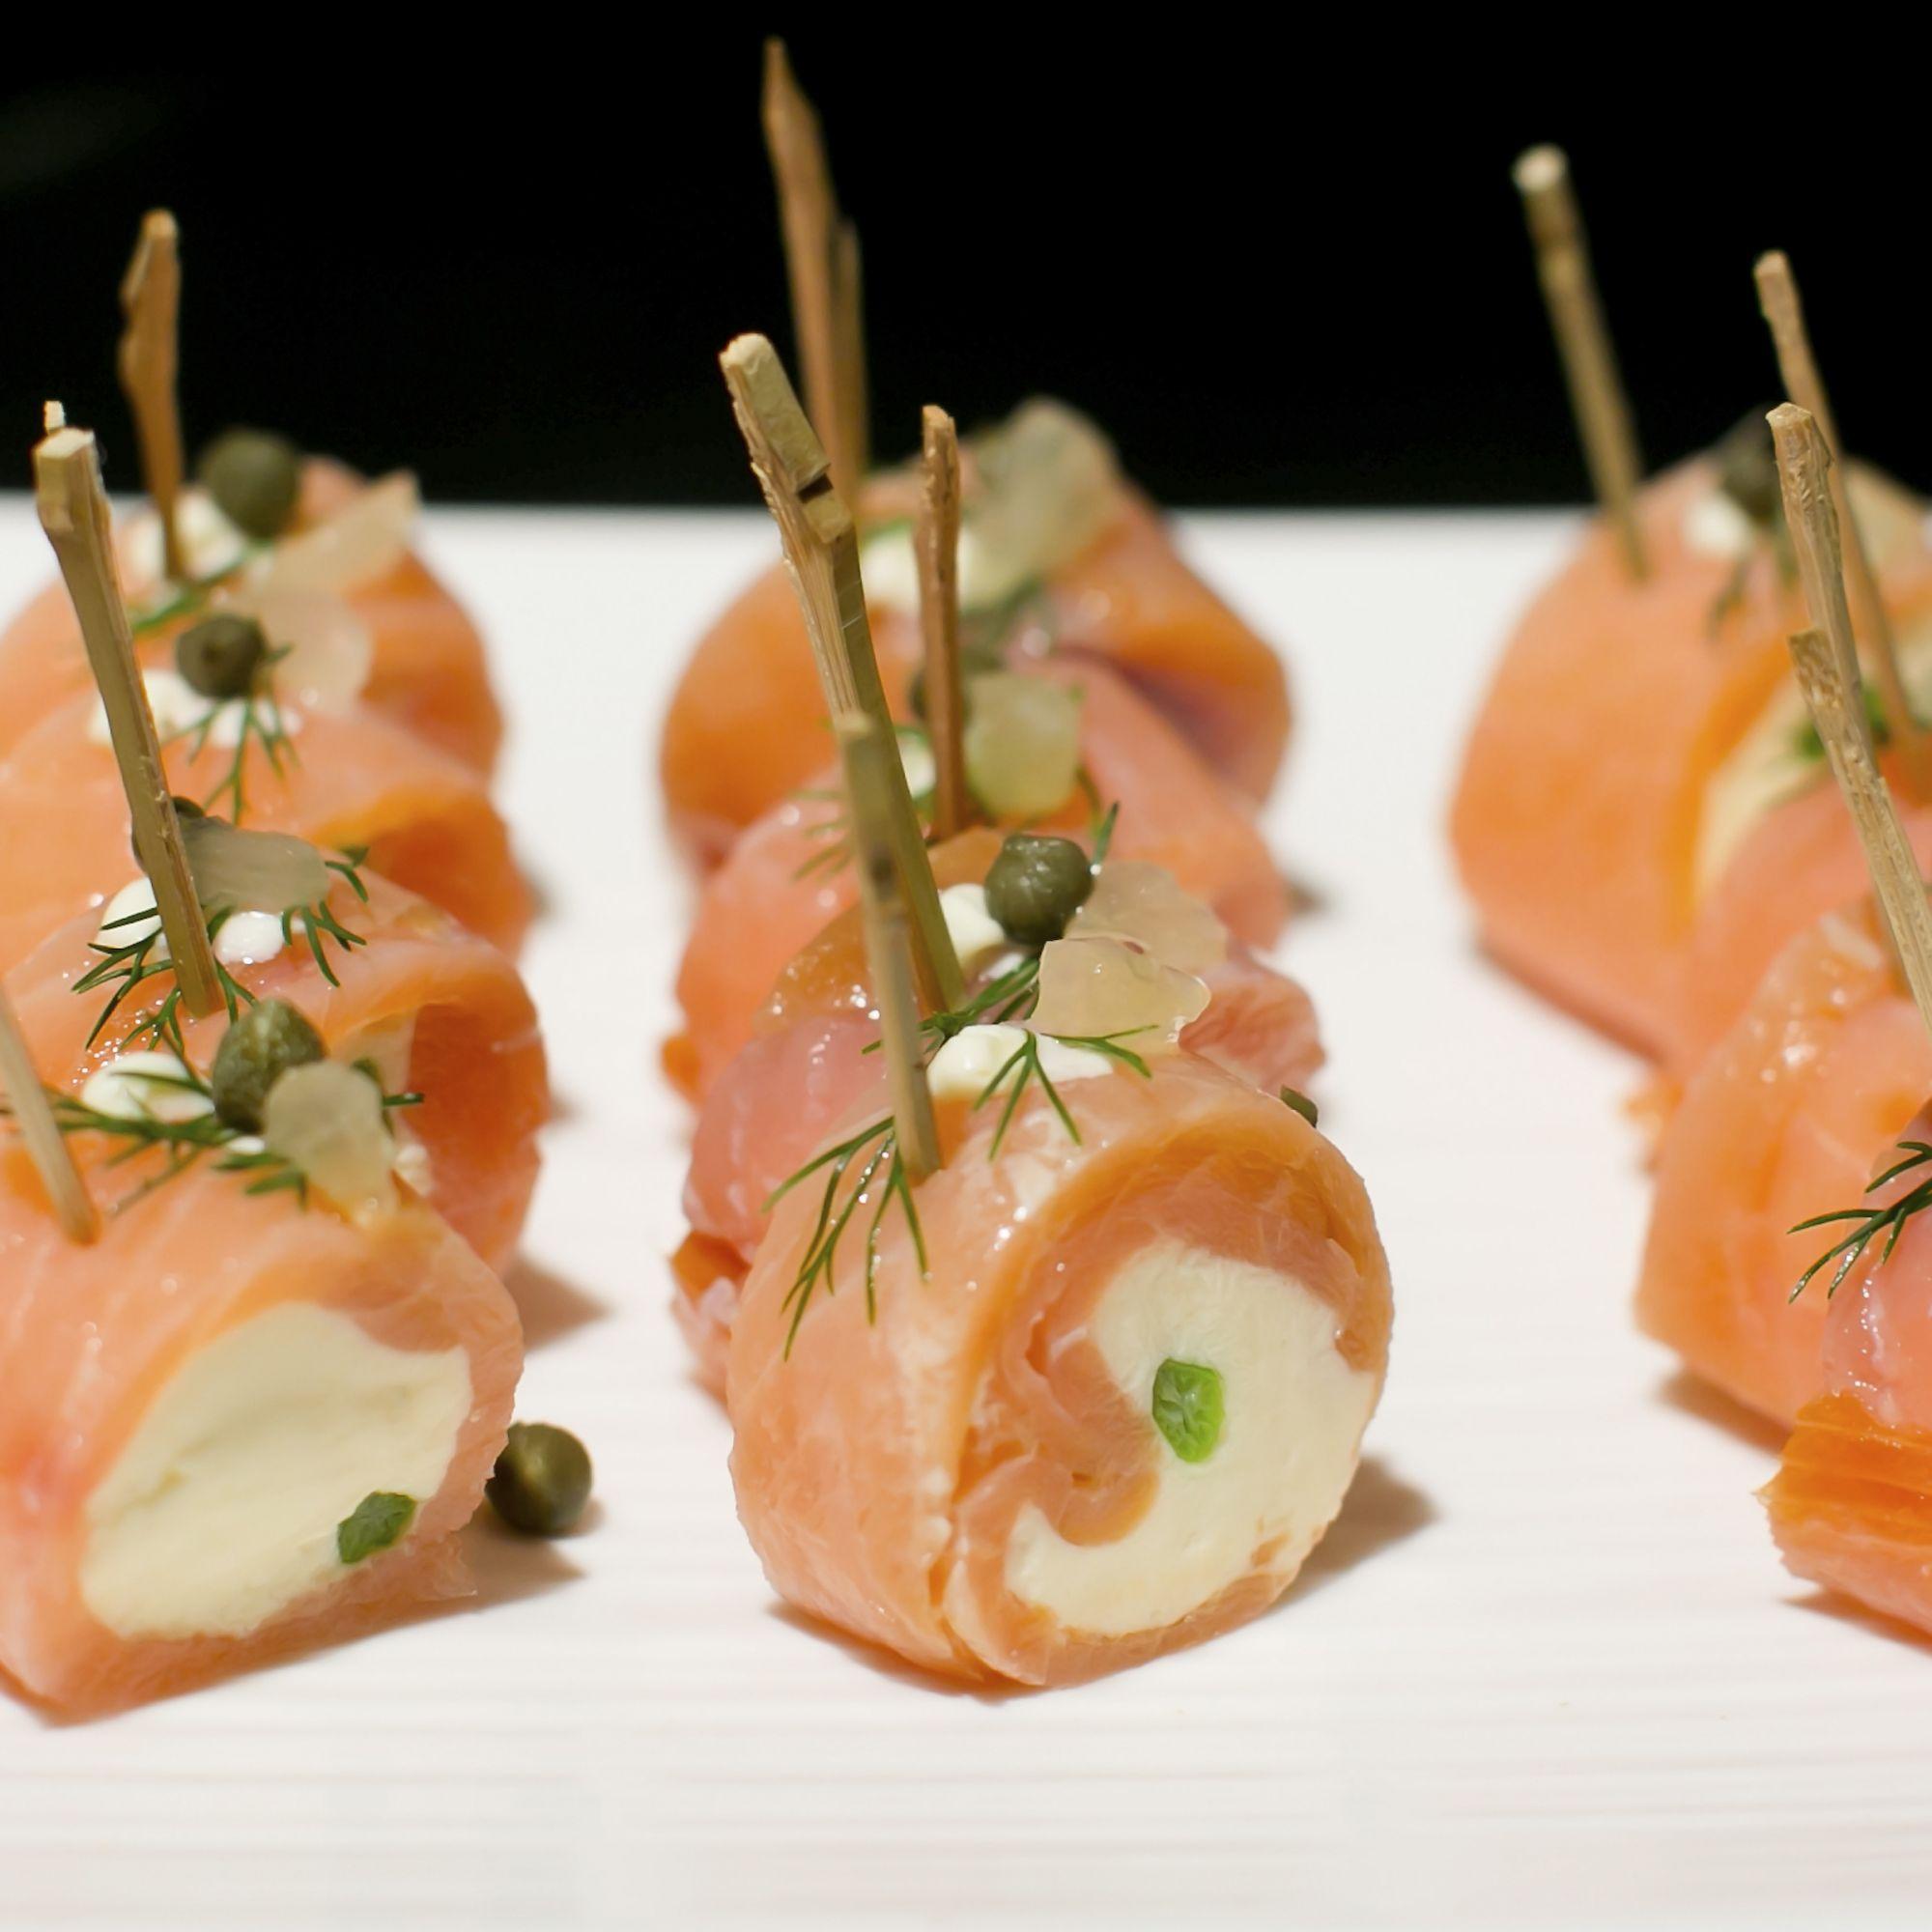 Leckere Rezepte für einfache Lachs Gerichte